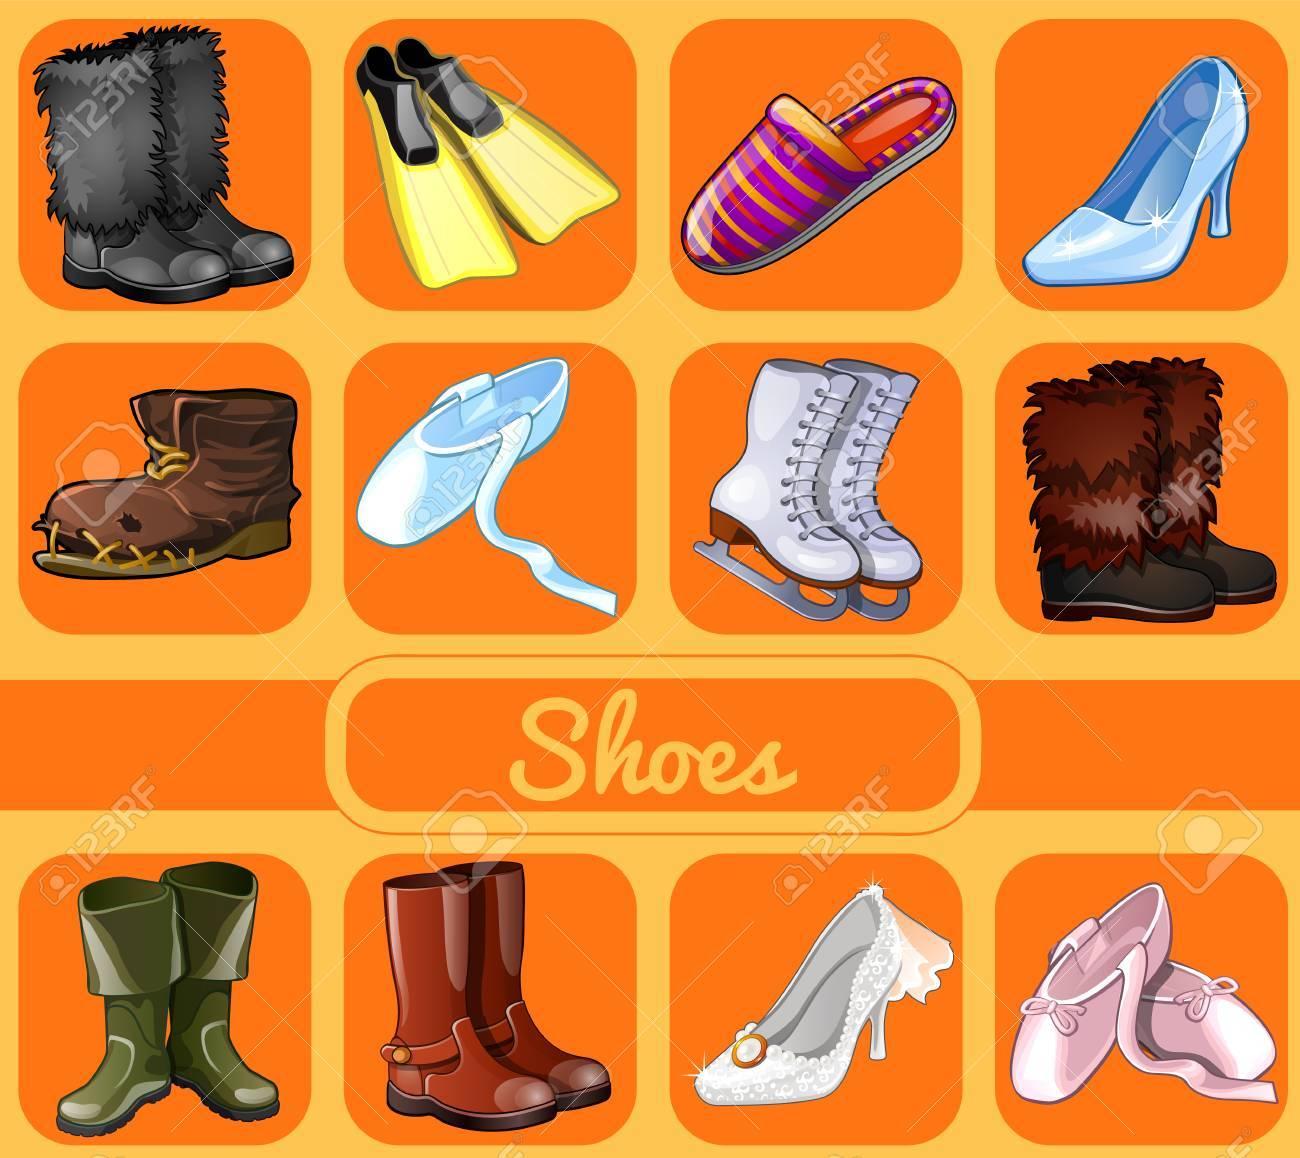 Archivio Fotografico - Set di scarpe per tutte le stagioni e le occasioni 5d2d3a8e8e0